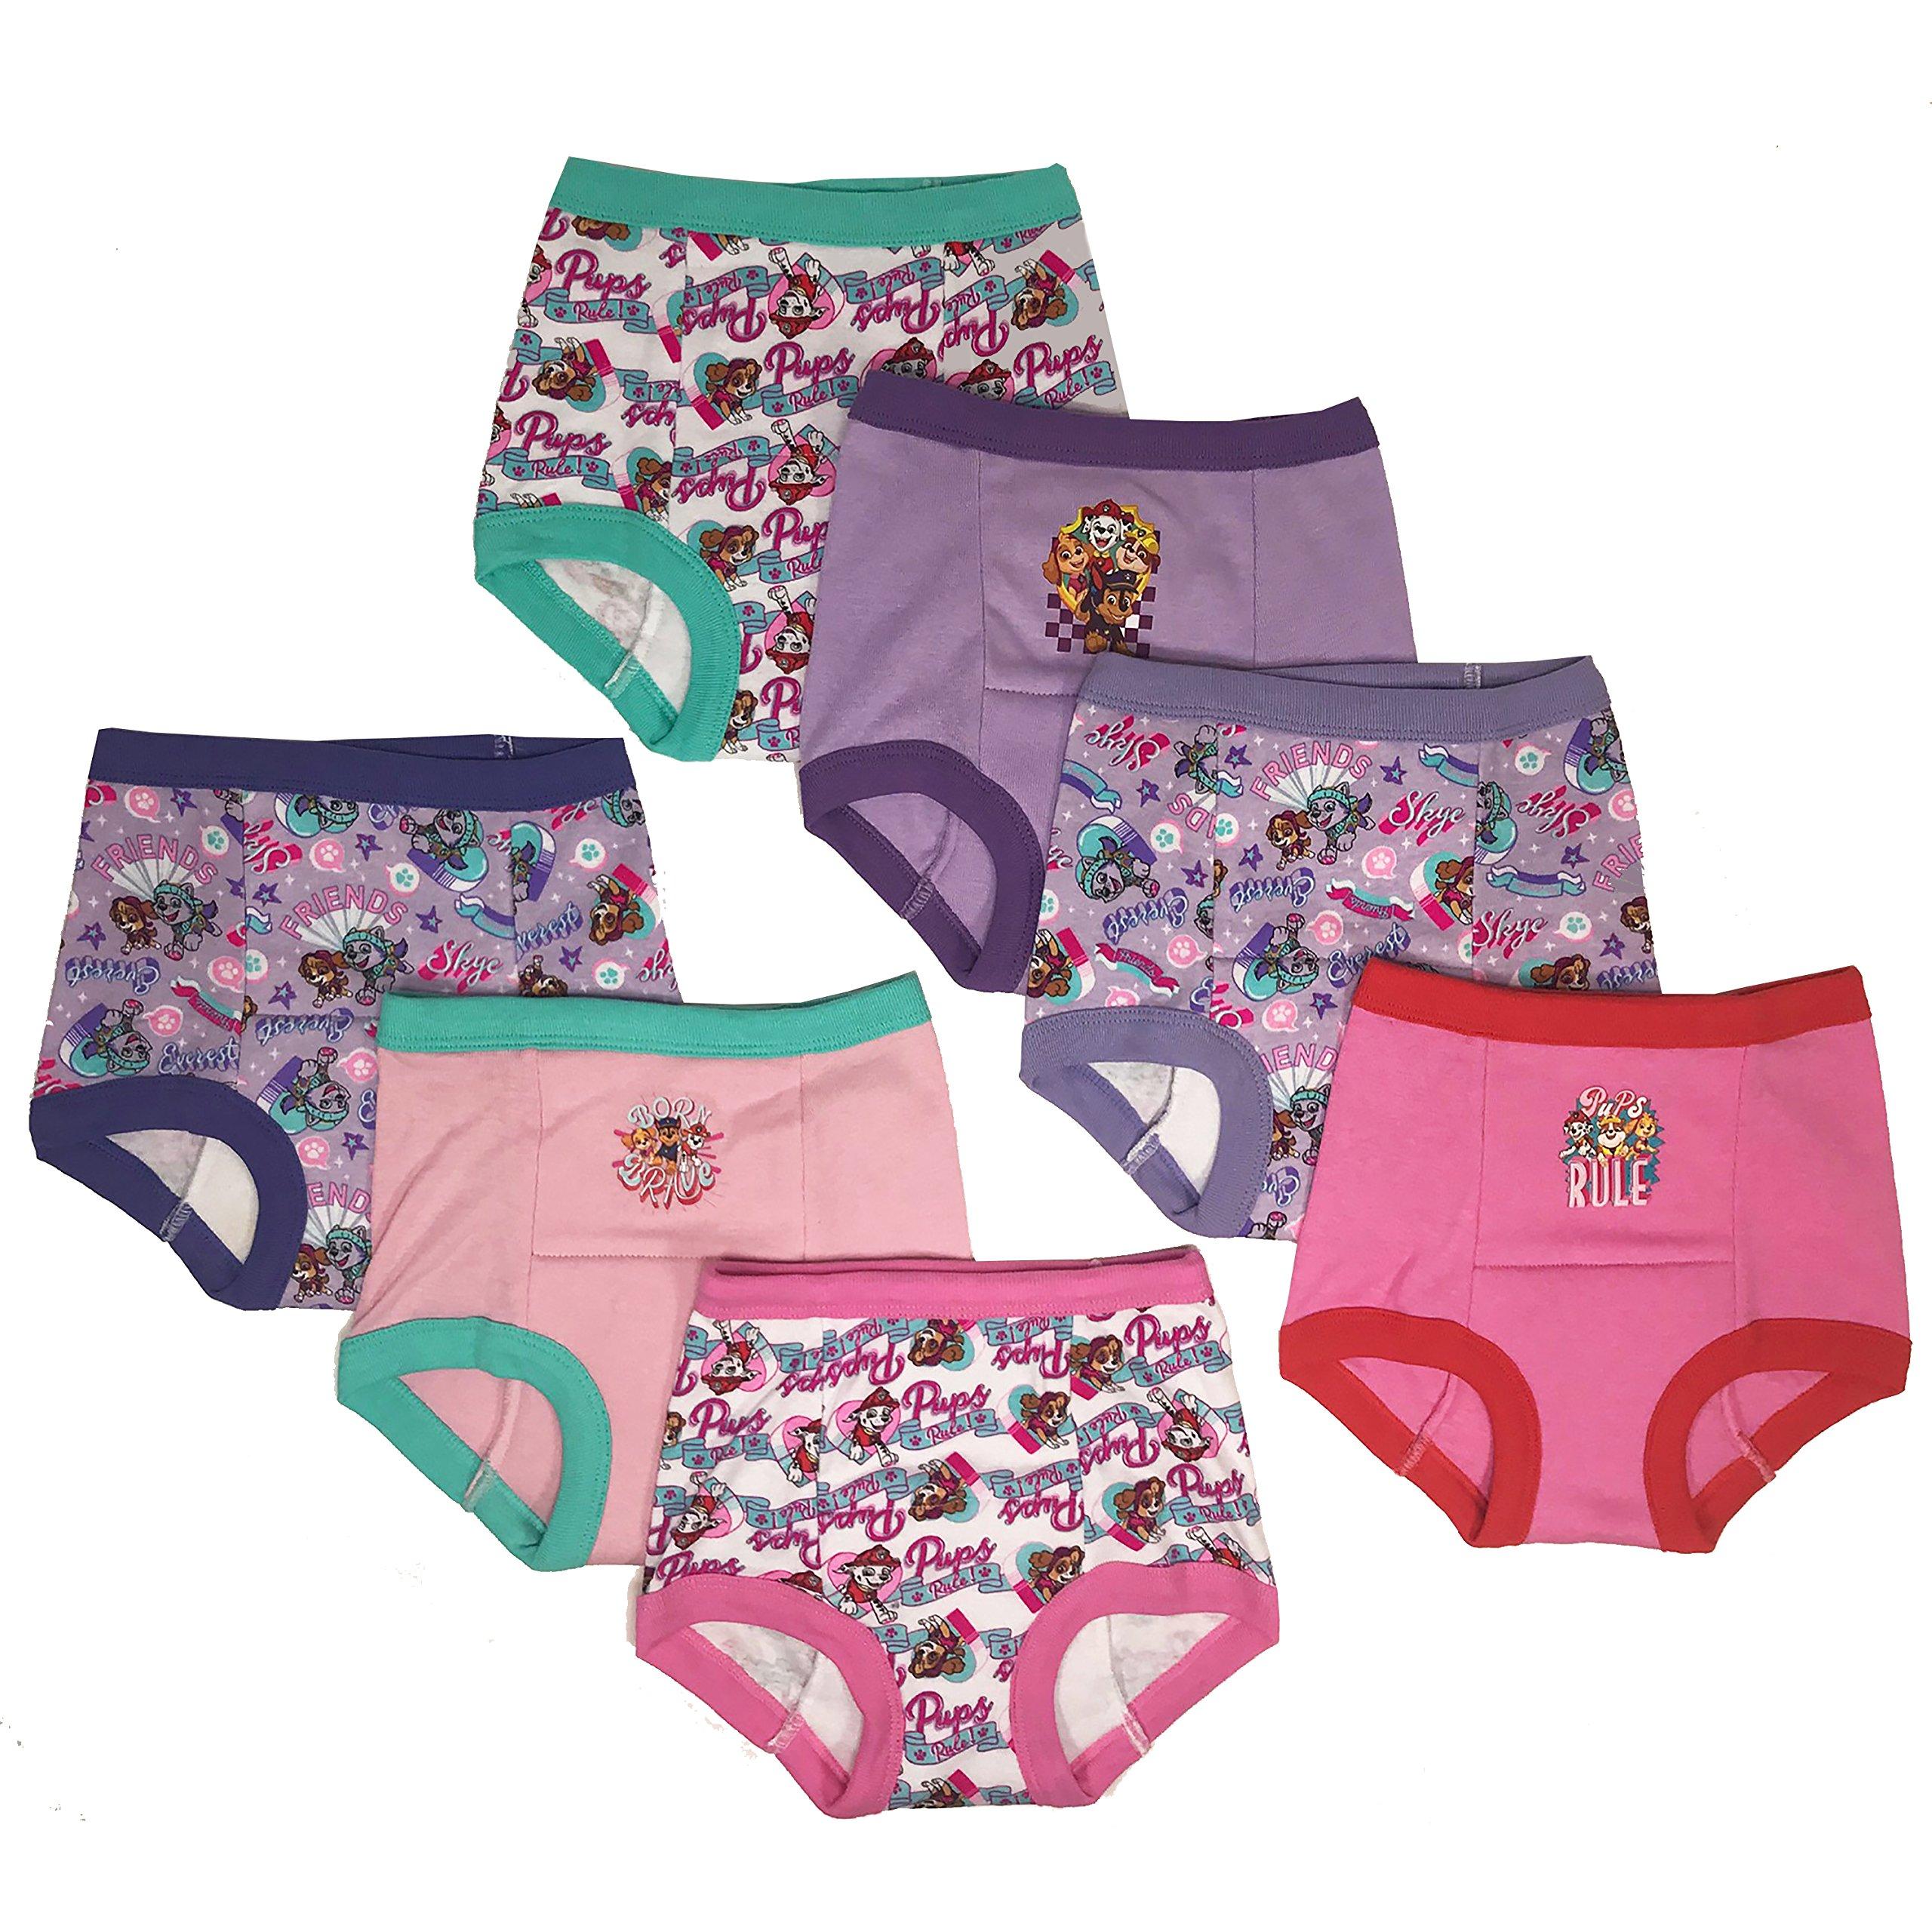 Nickelodeon Toddler Girls' Paw Patrol Training Pants, Paw7 3T by Nickelodeon